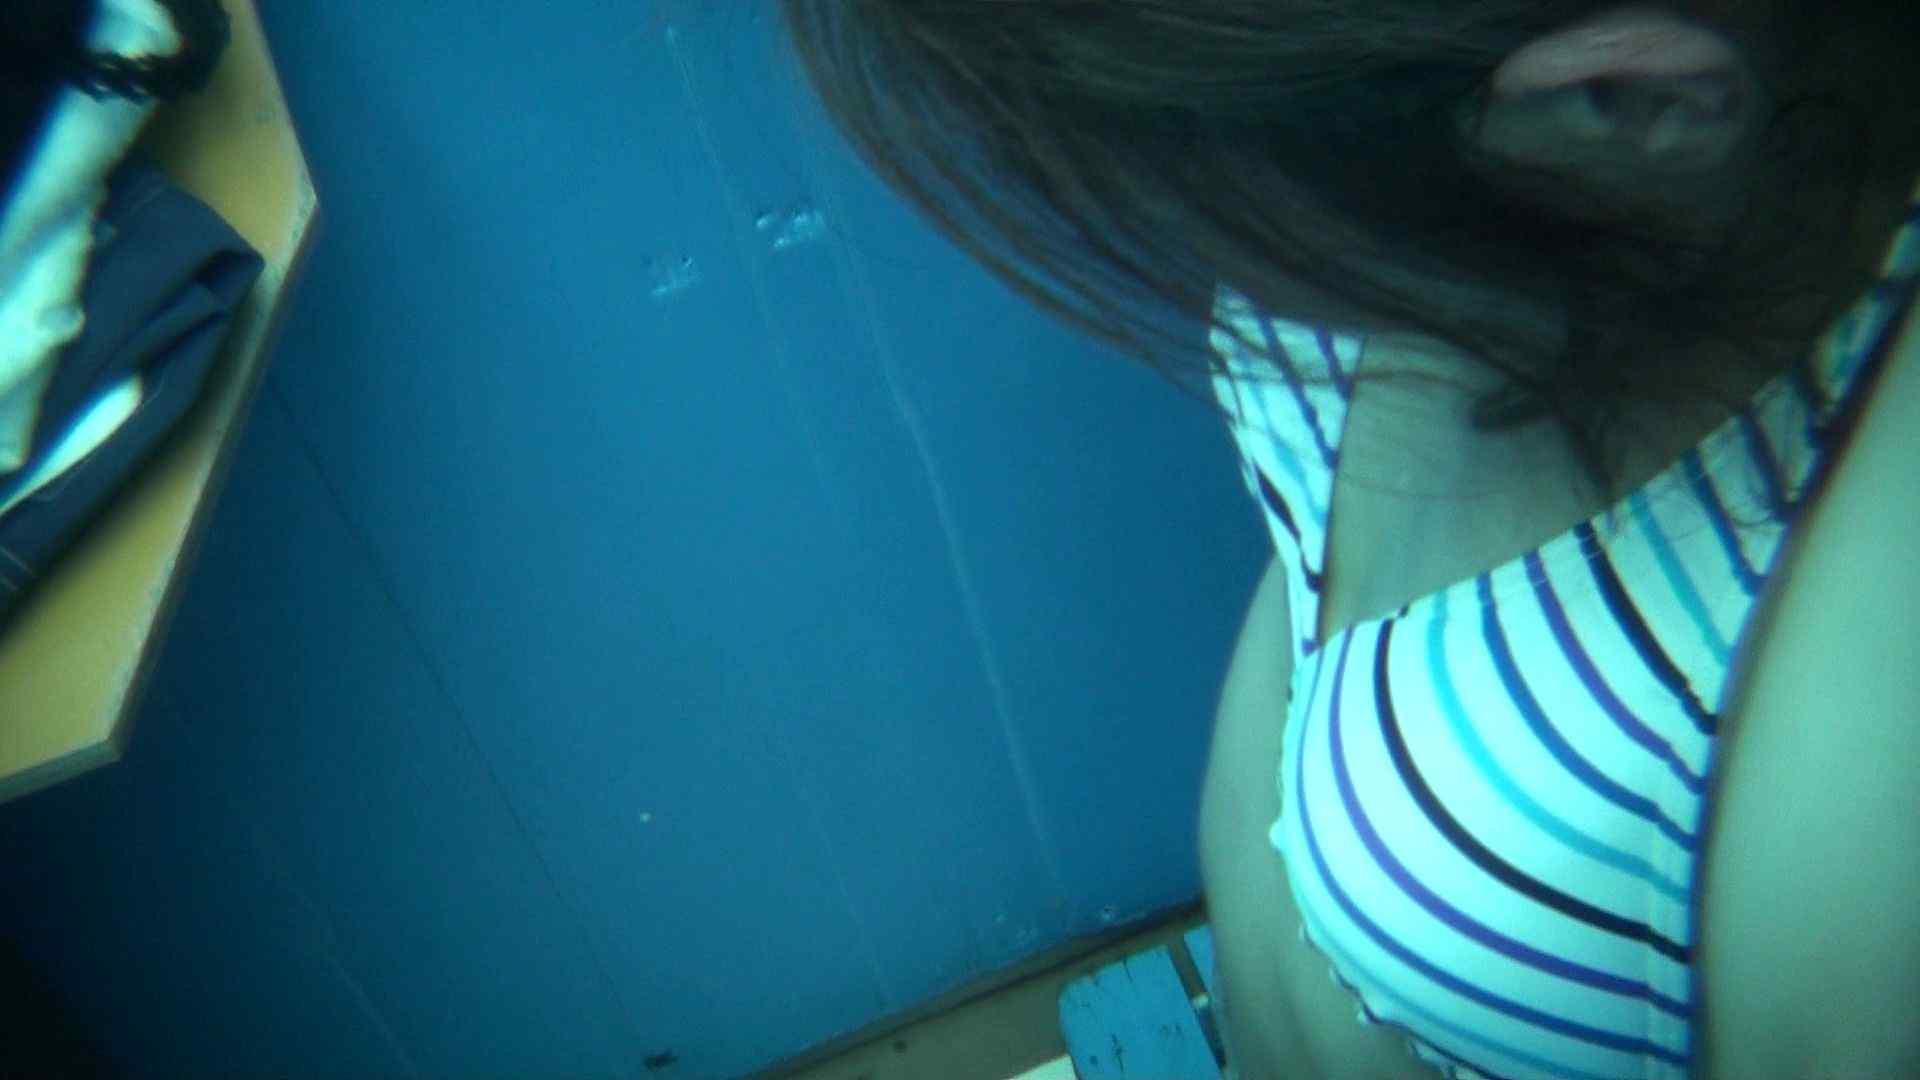 シャワールームは超!!危険な香りVol.27 乳首は一瞬貧乳姉さん シャワー SEX無修正画像 103pic 14